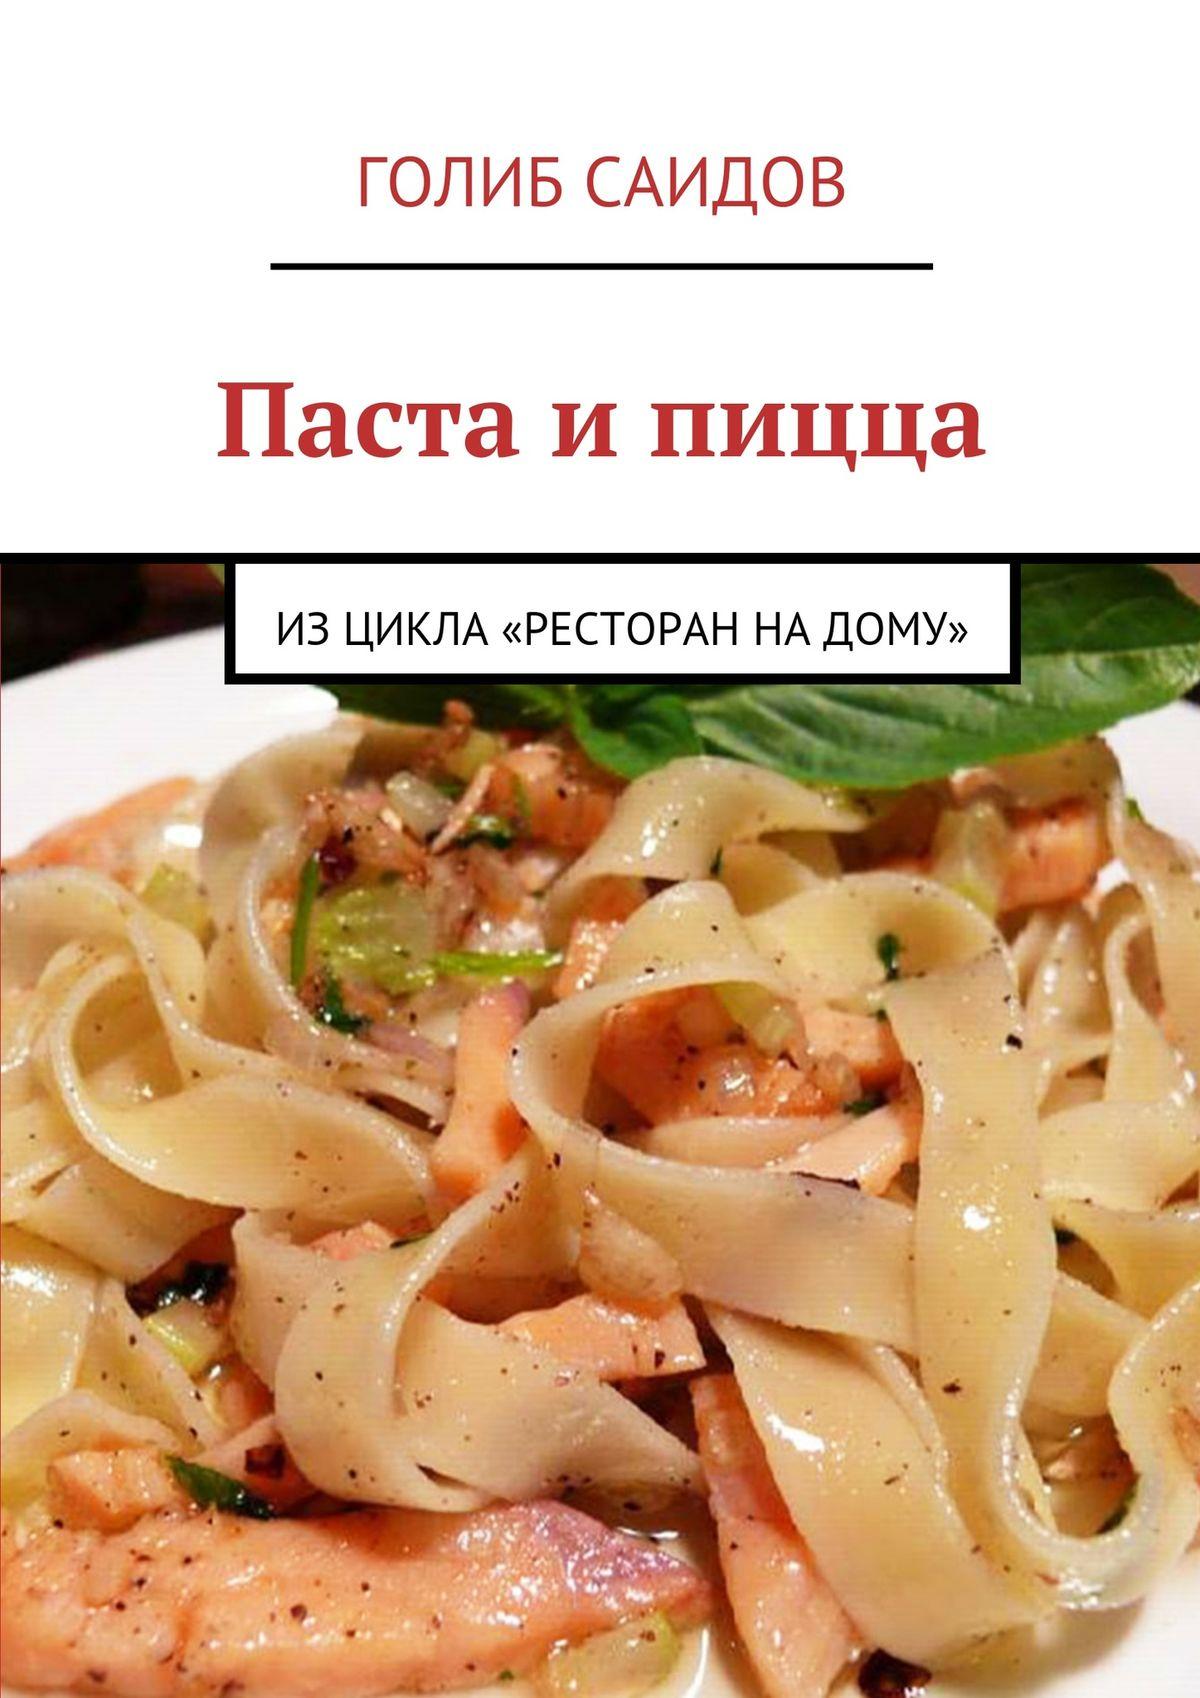 Голиб Саидов Паста и пицца. Изцикла «Ресторан надому» ресторан